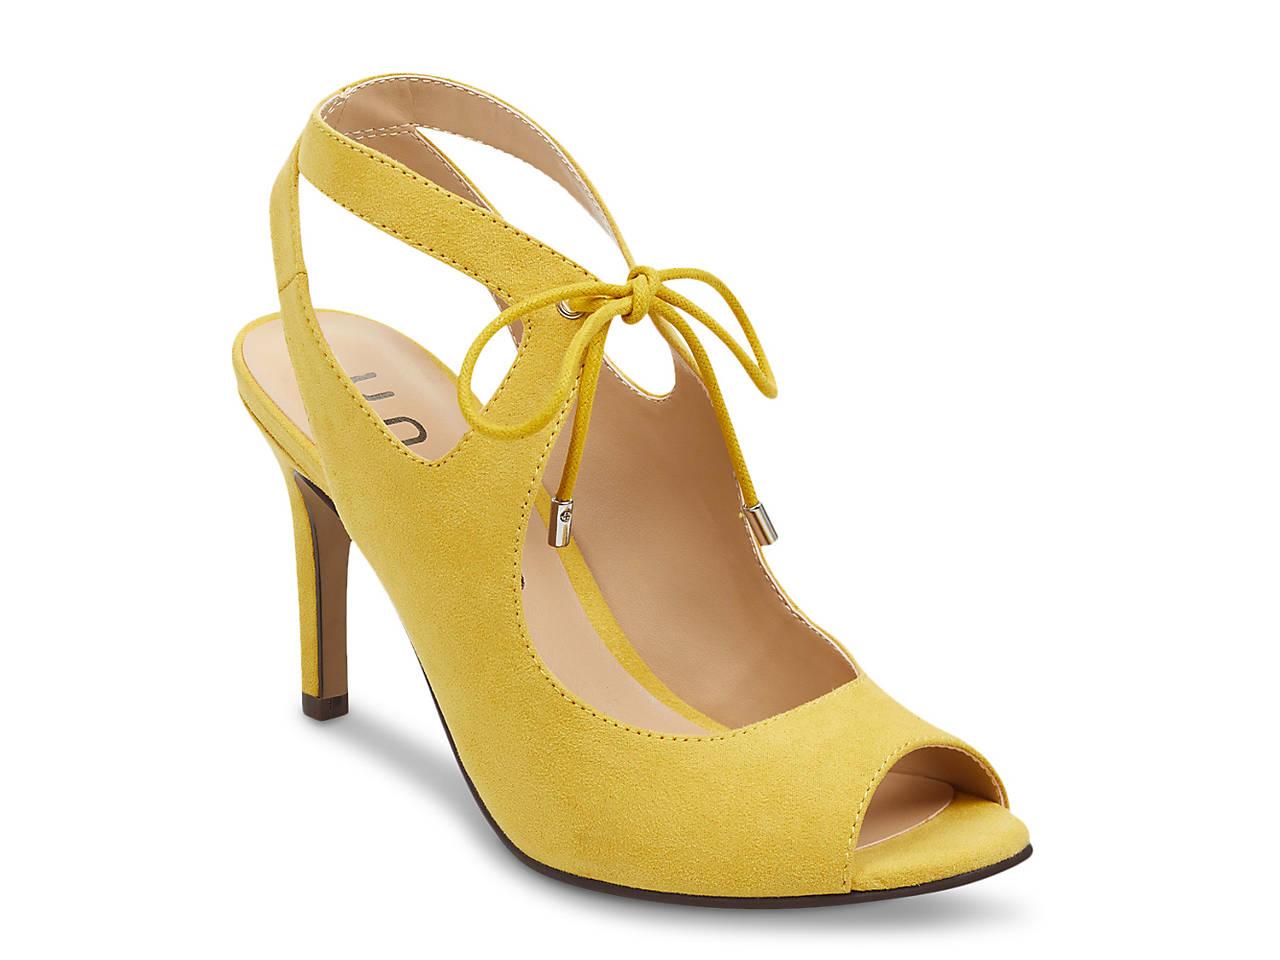 563f283378d7 Unisa Marris Sandal Women s Shoes